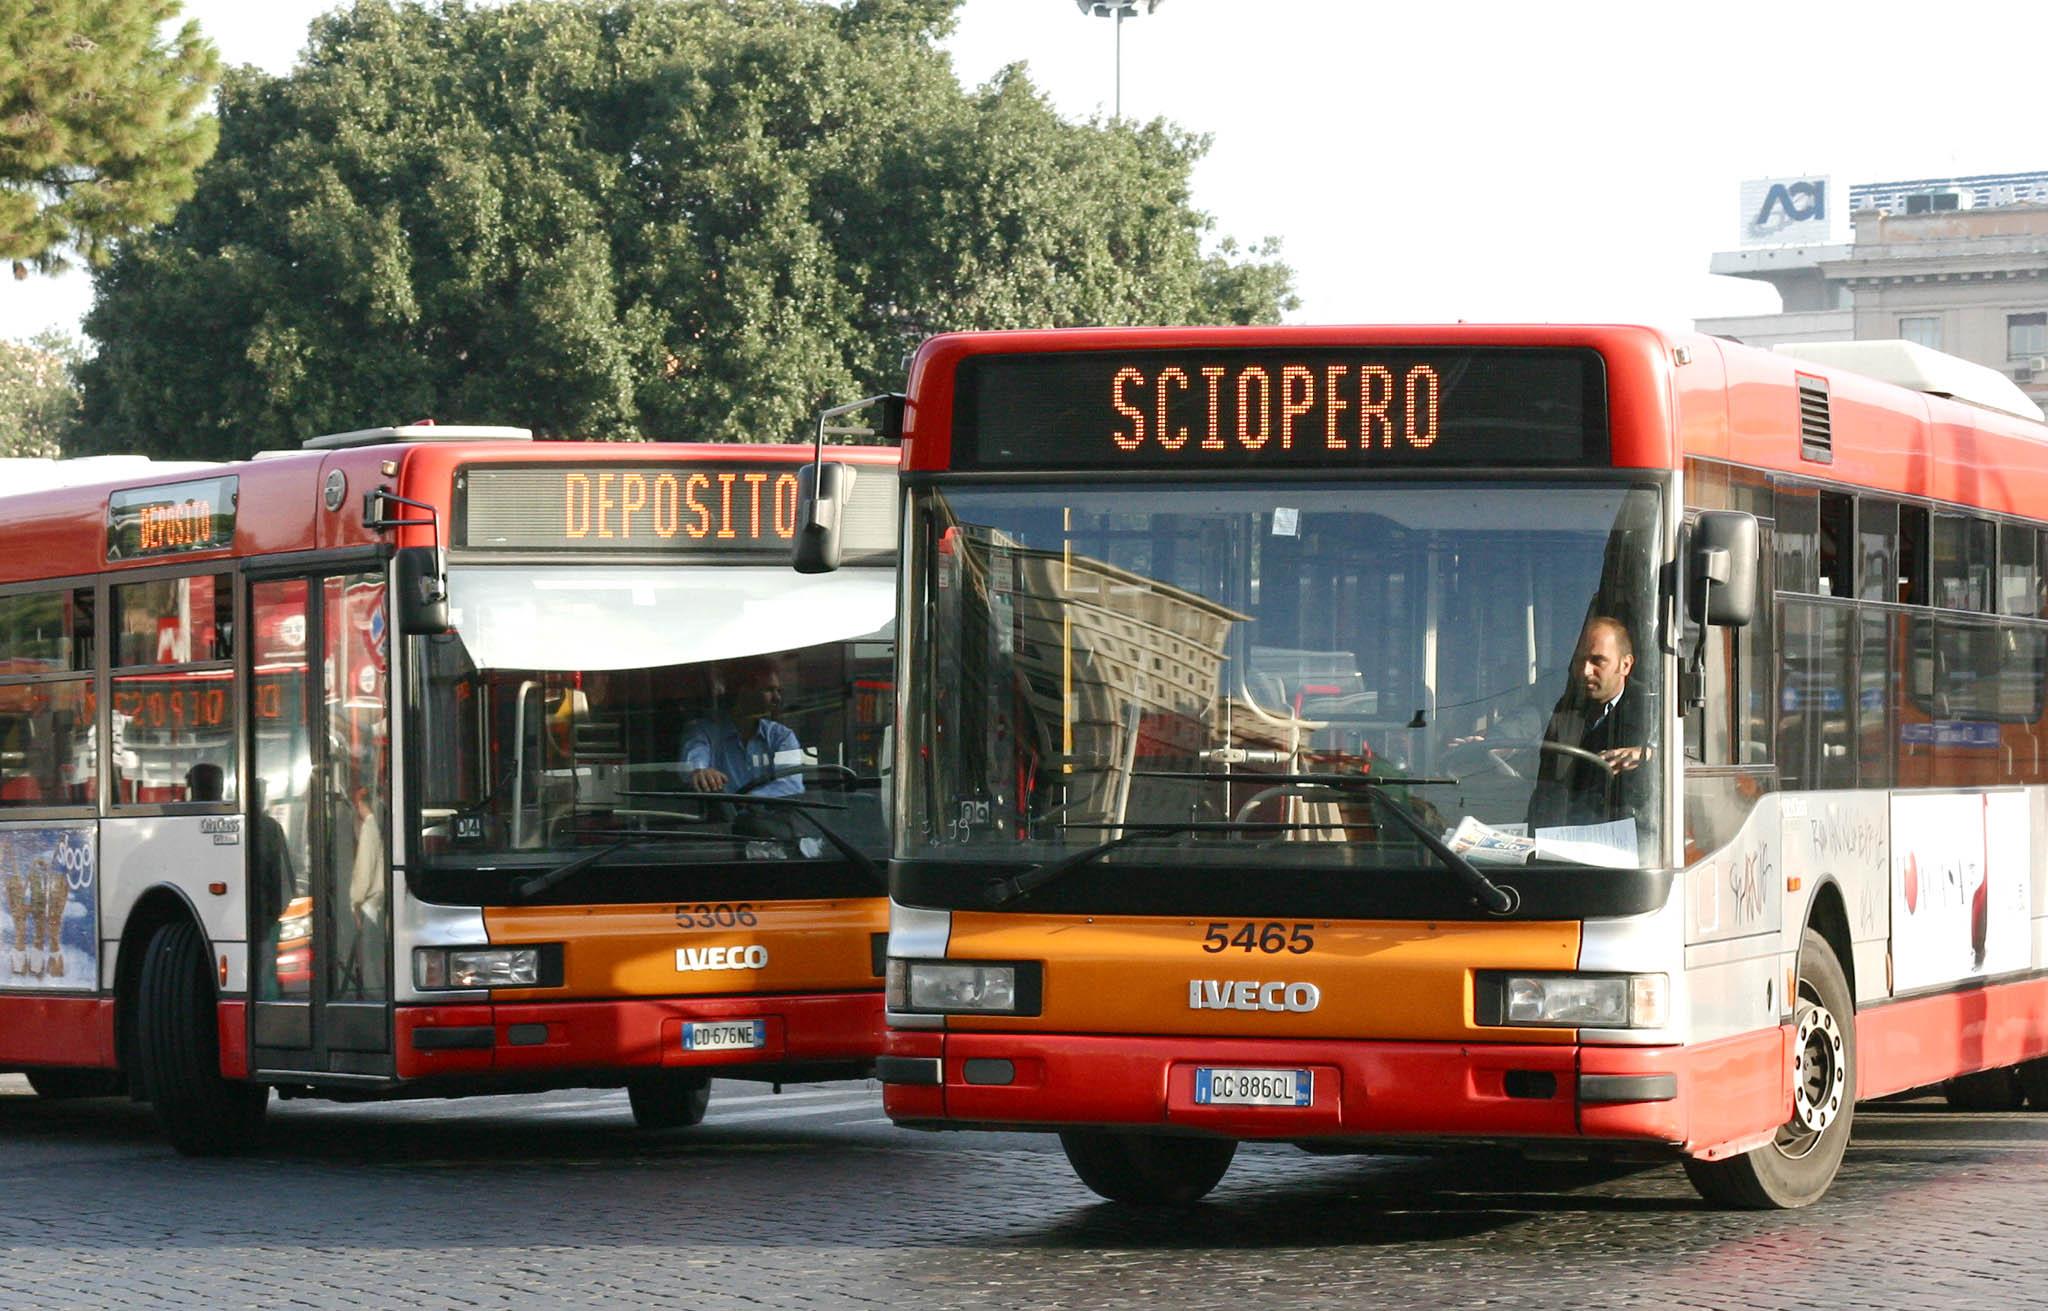 Trasporto pubblico, Roma ultima in Europa[:en]Trasporto pubblico, Roma ultima in Europa. Scioperi, ritardi ed evasione. I dati del disastro Atac nello studio della FLE